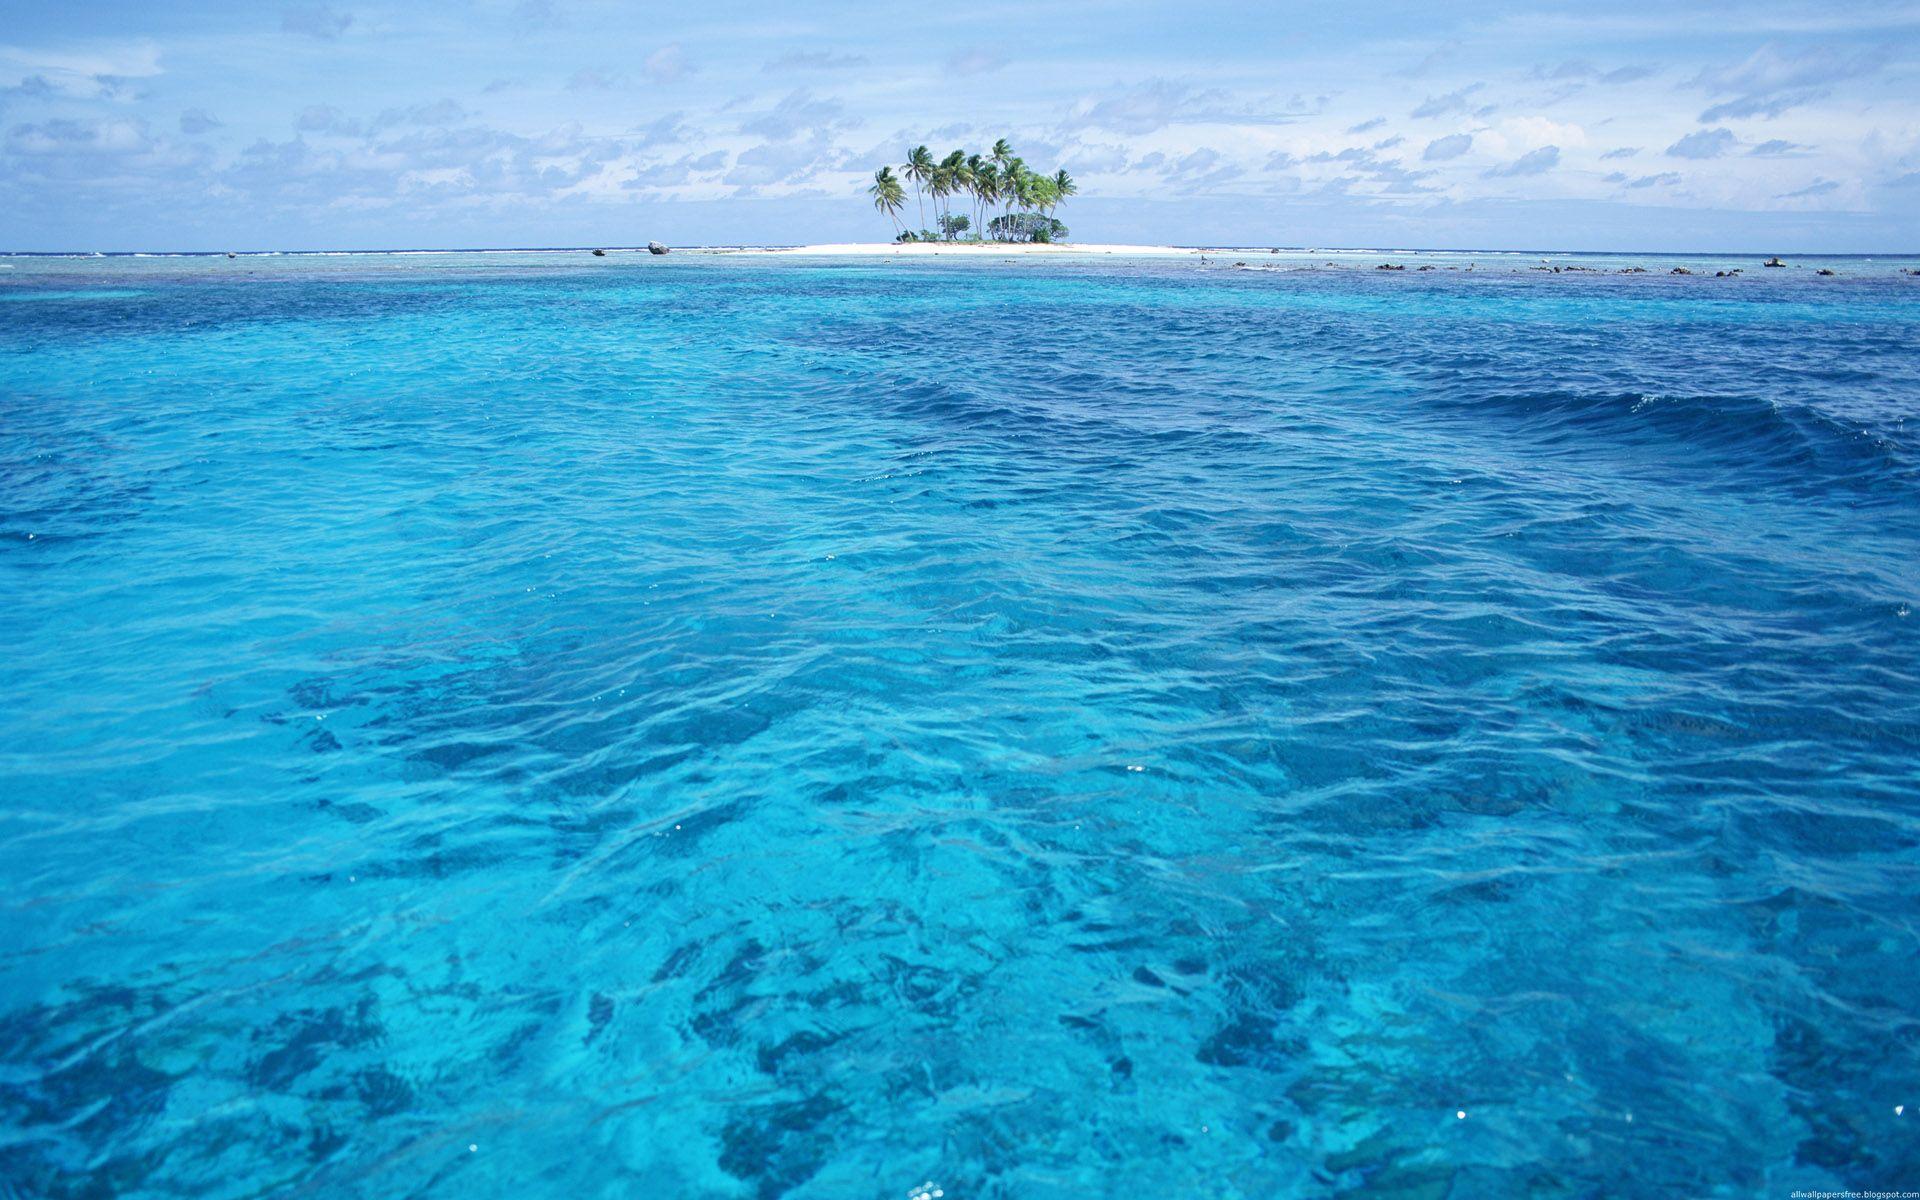 海洋世界动态桌面壁纸壁纸图片风景壁纸风景图